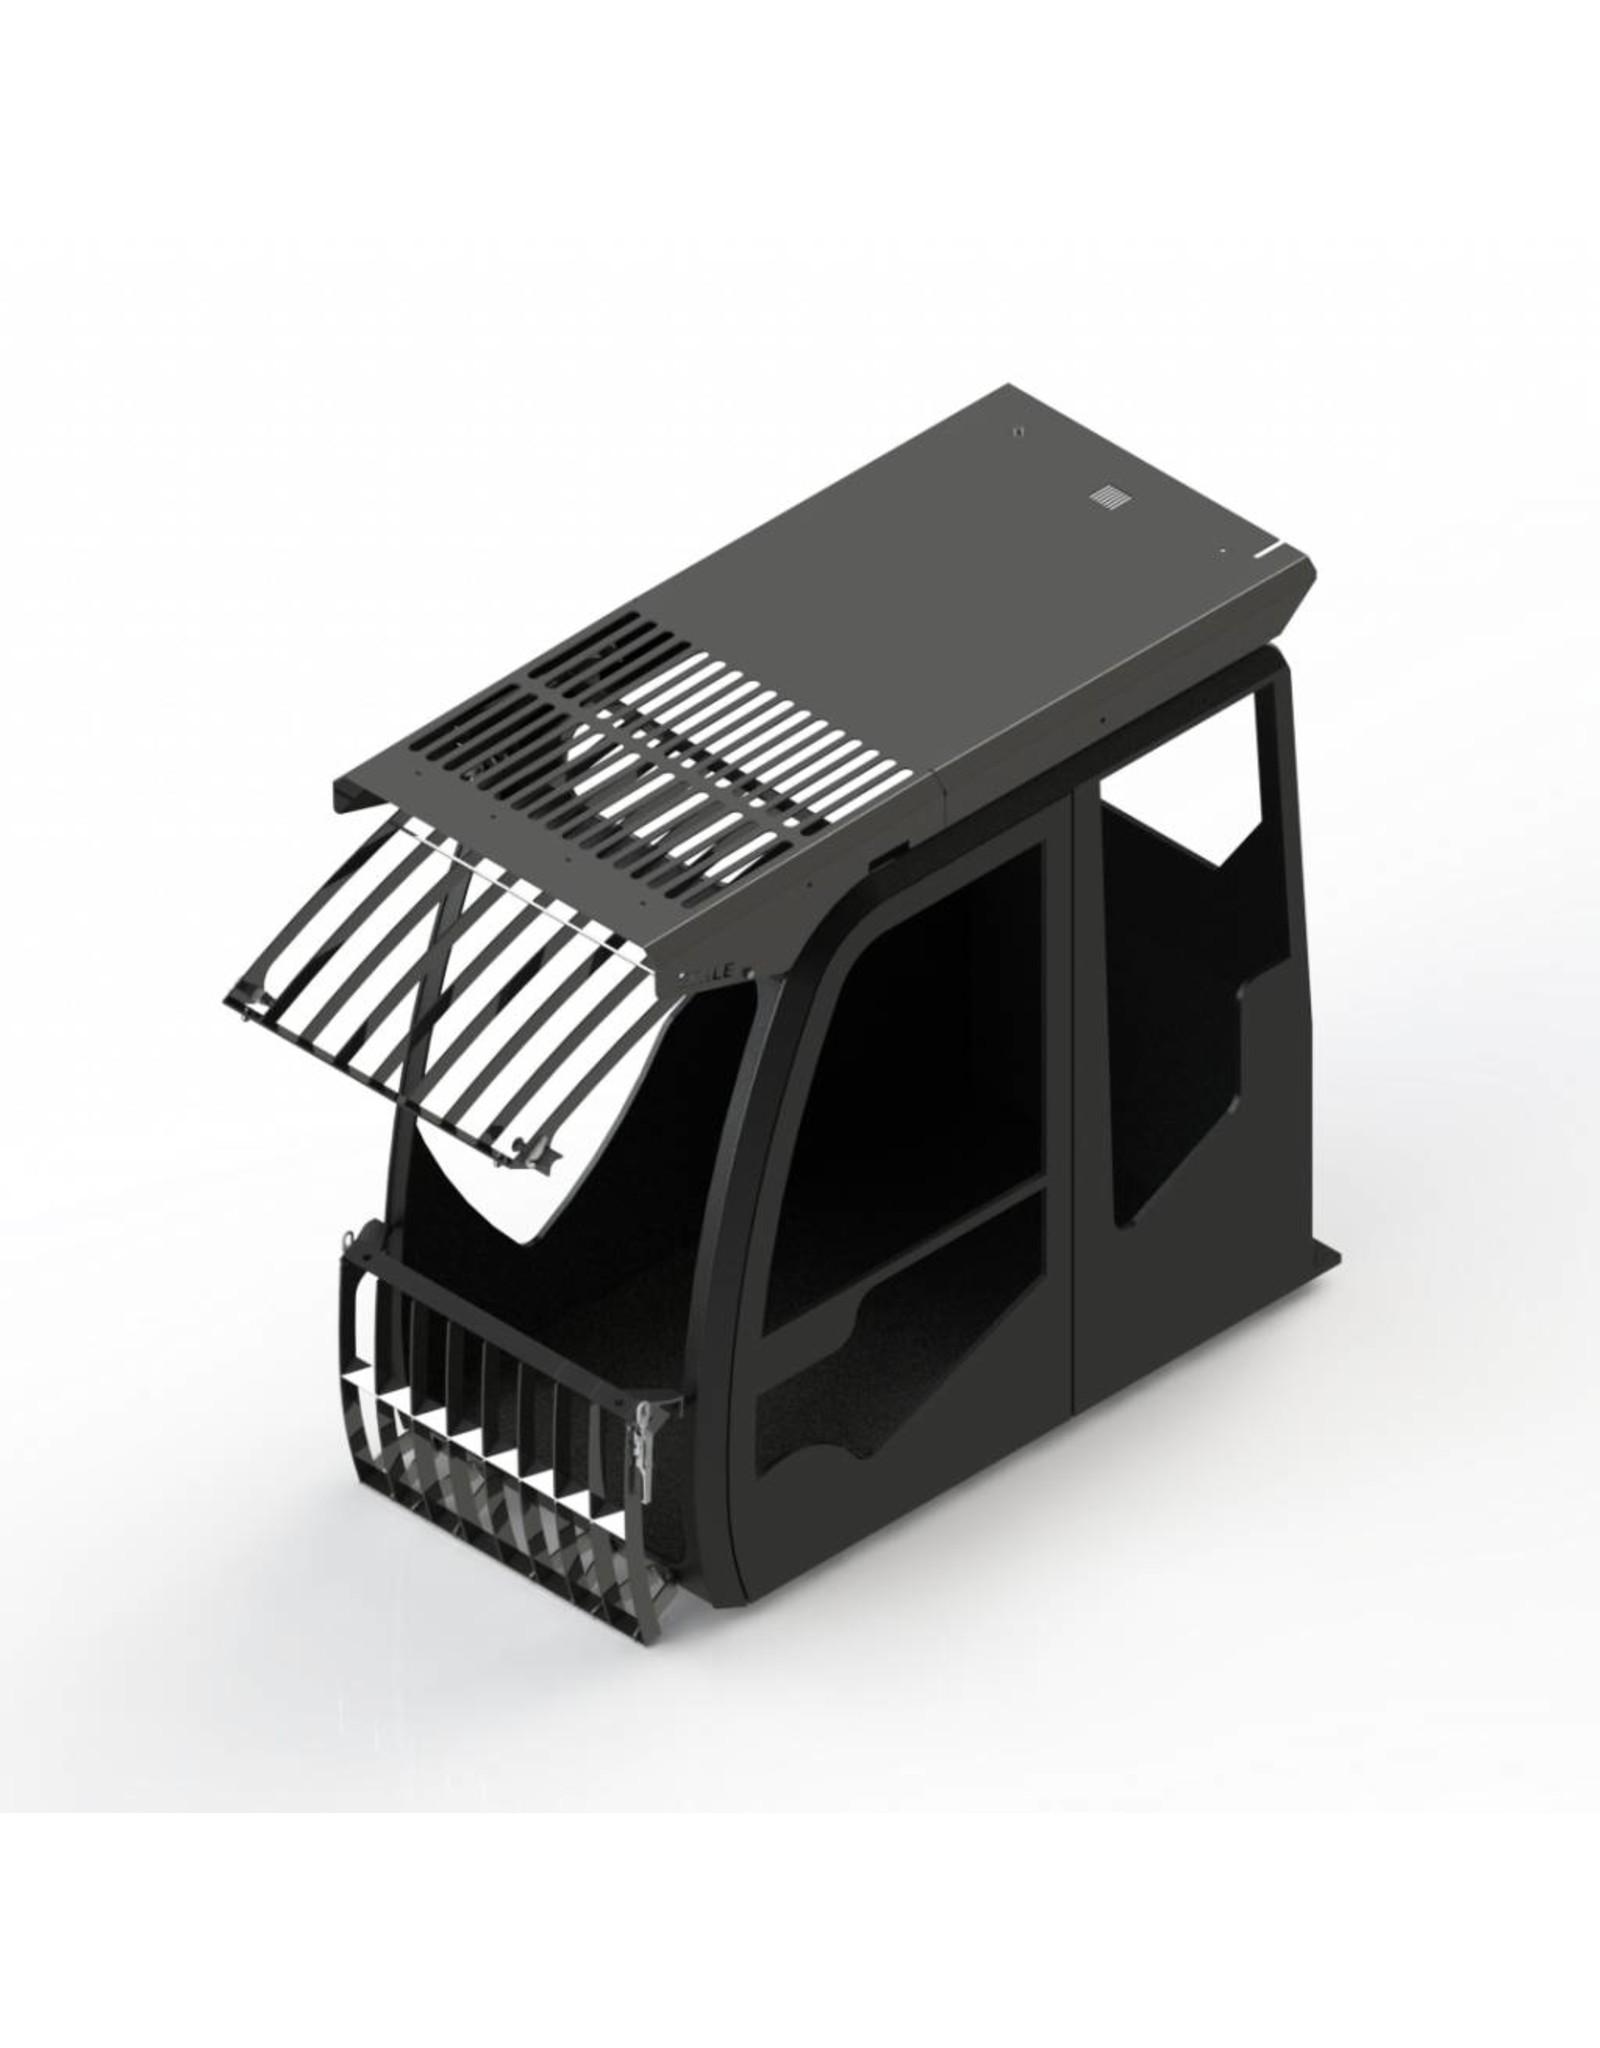 Echle Hartstahl GmbH FOPS für Liebherr A 918